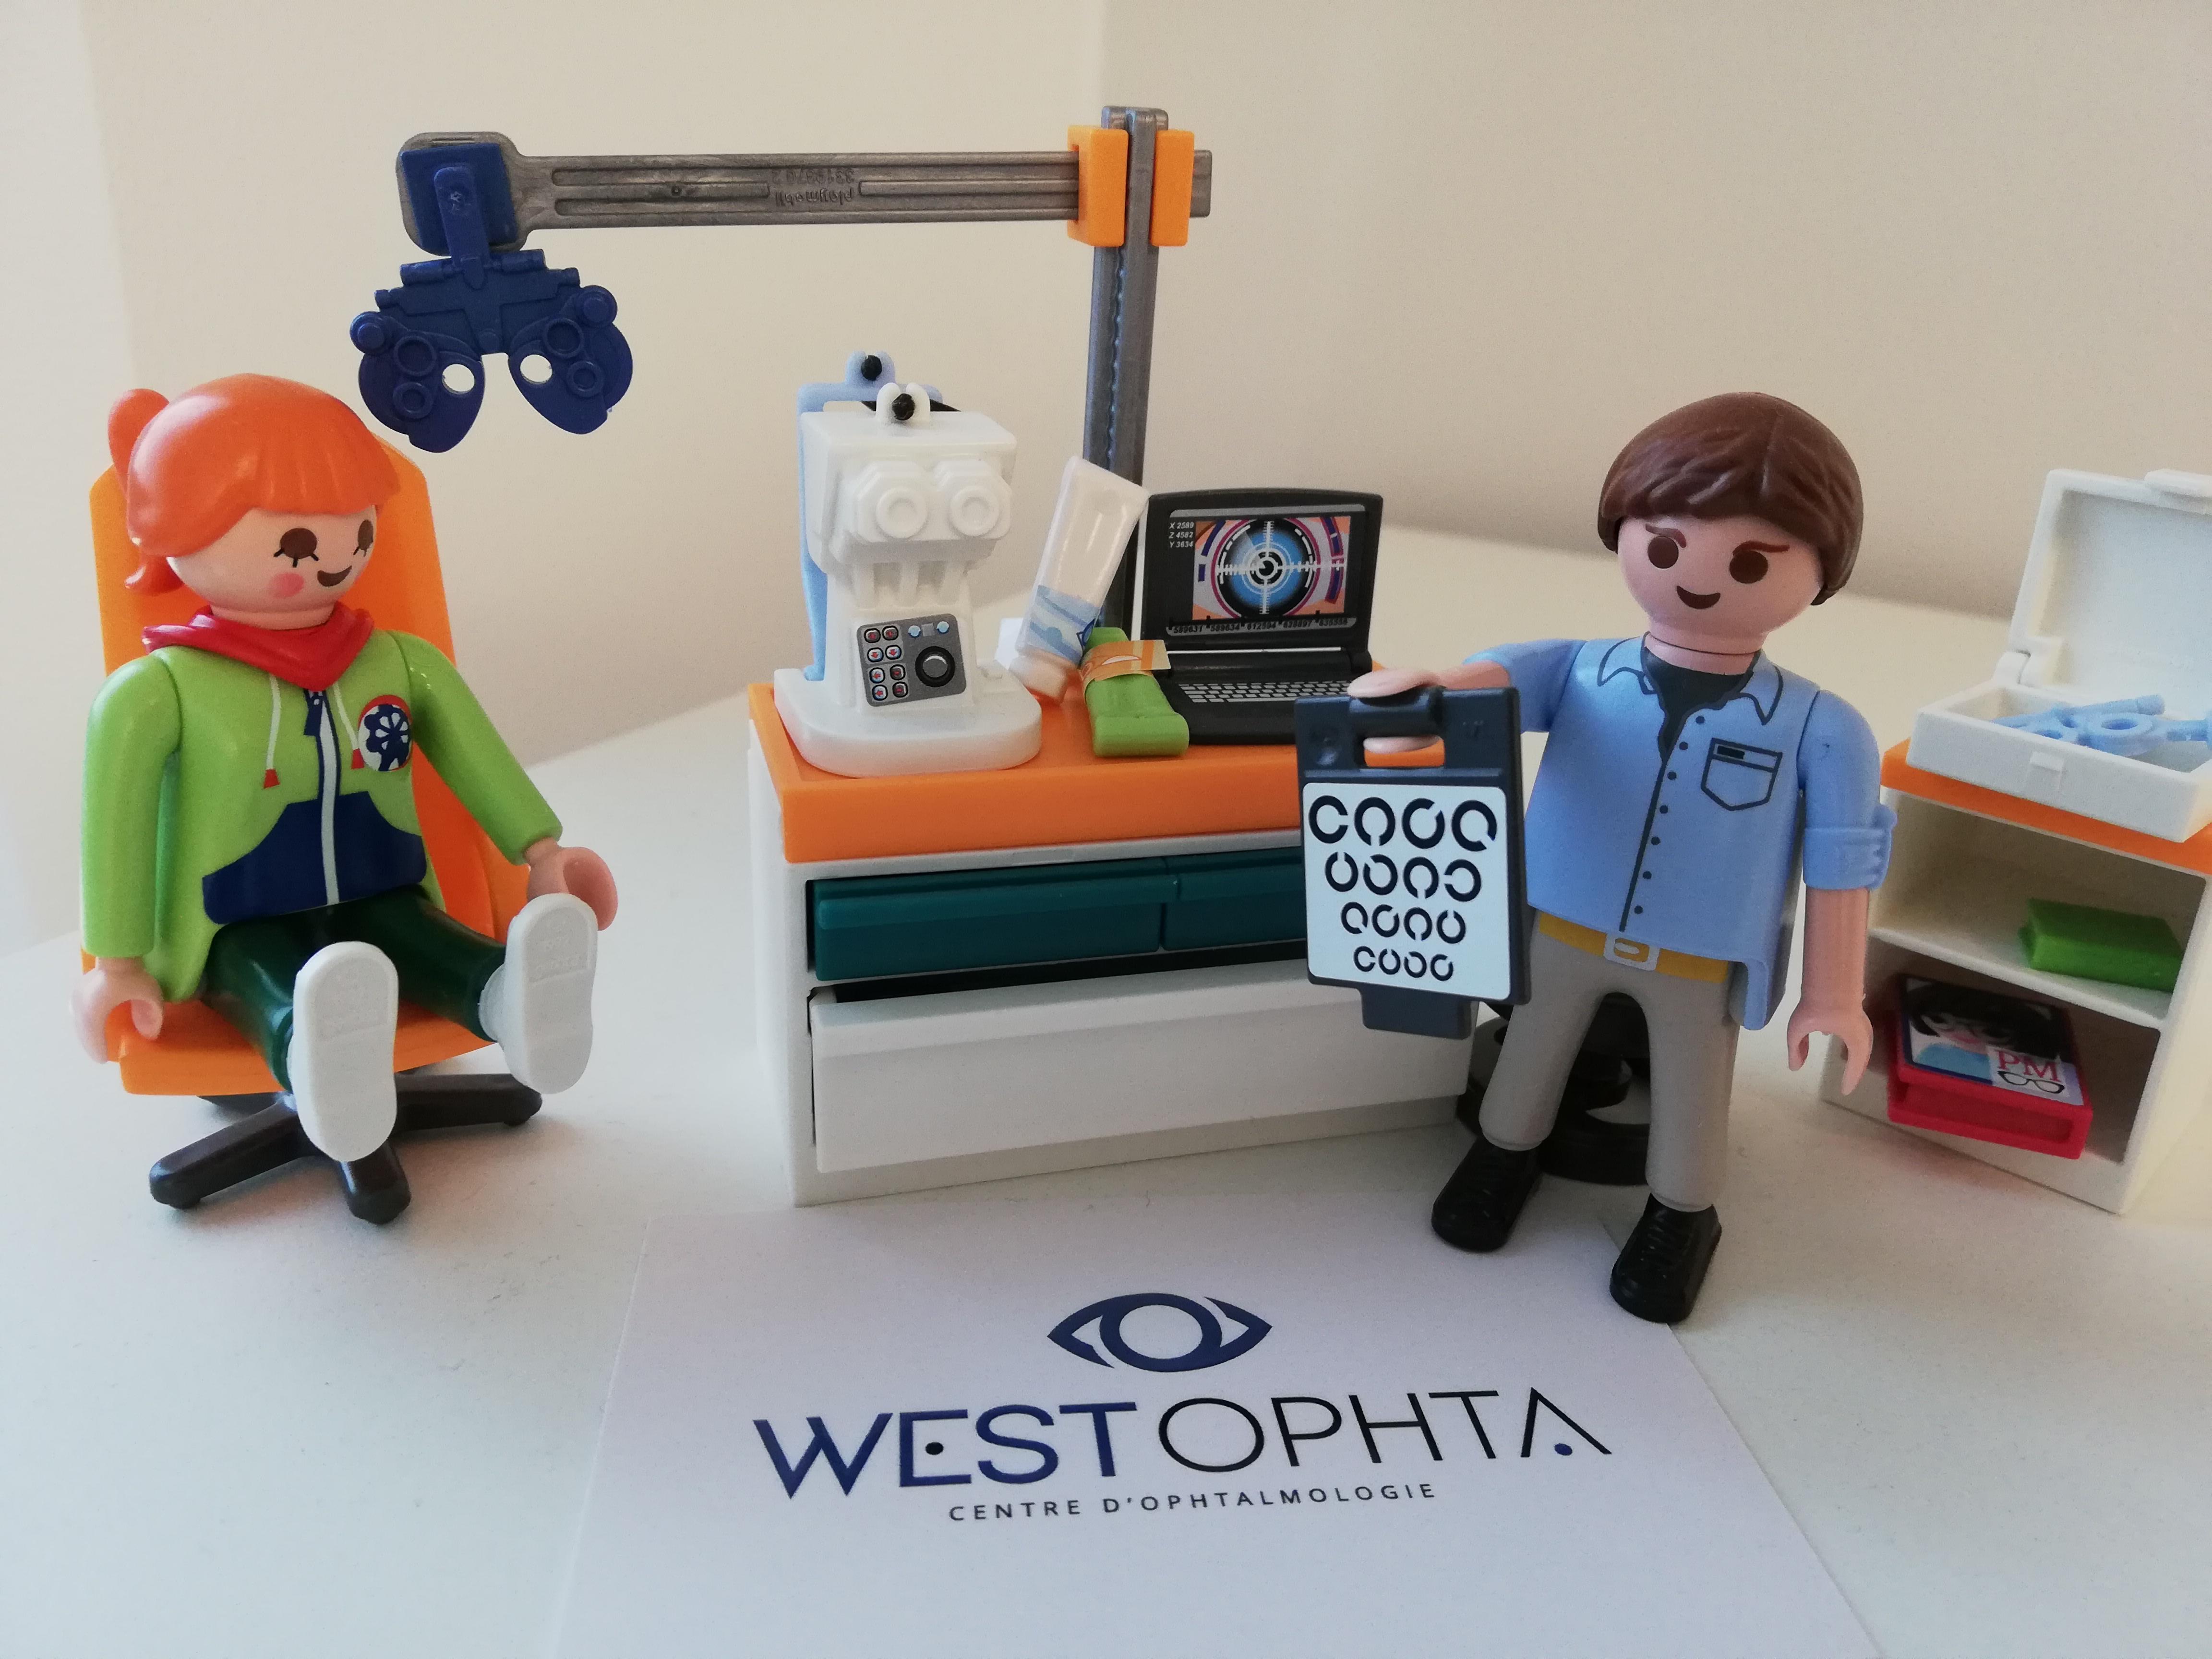 Westophta : Un centre d'ophtalmo à Rennes pour toute la famille !